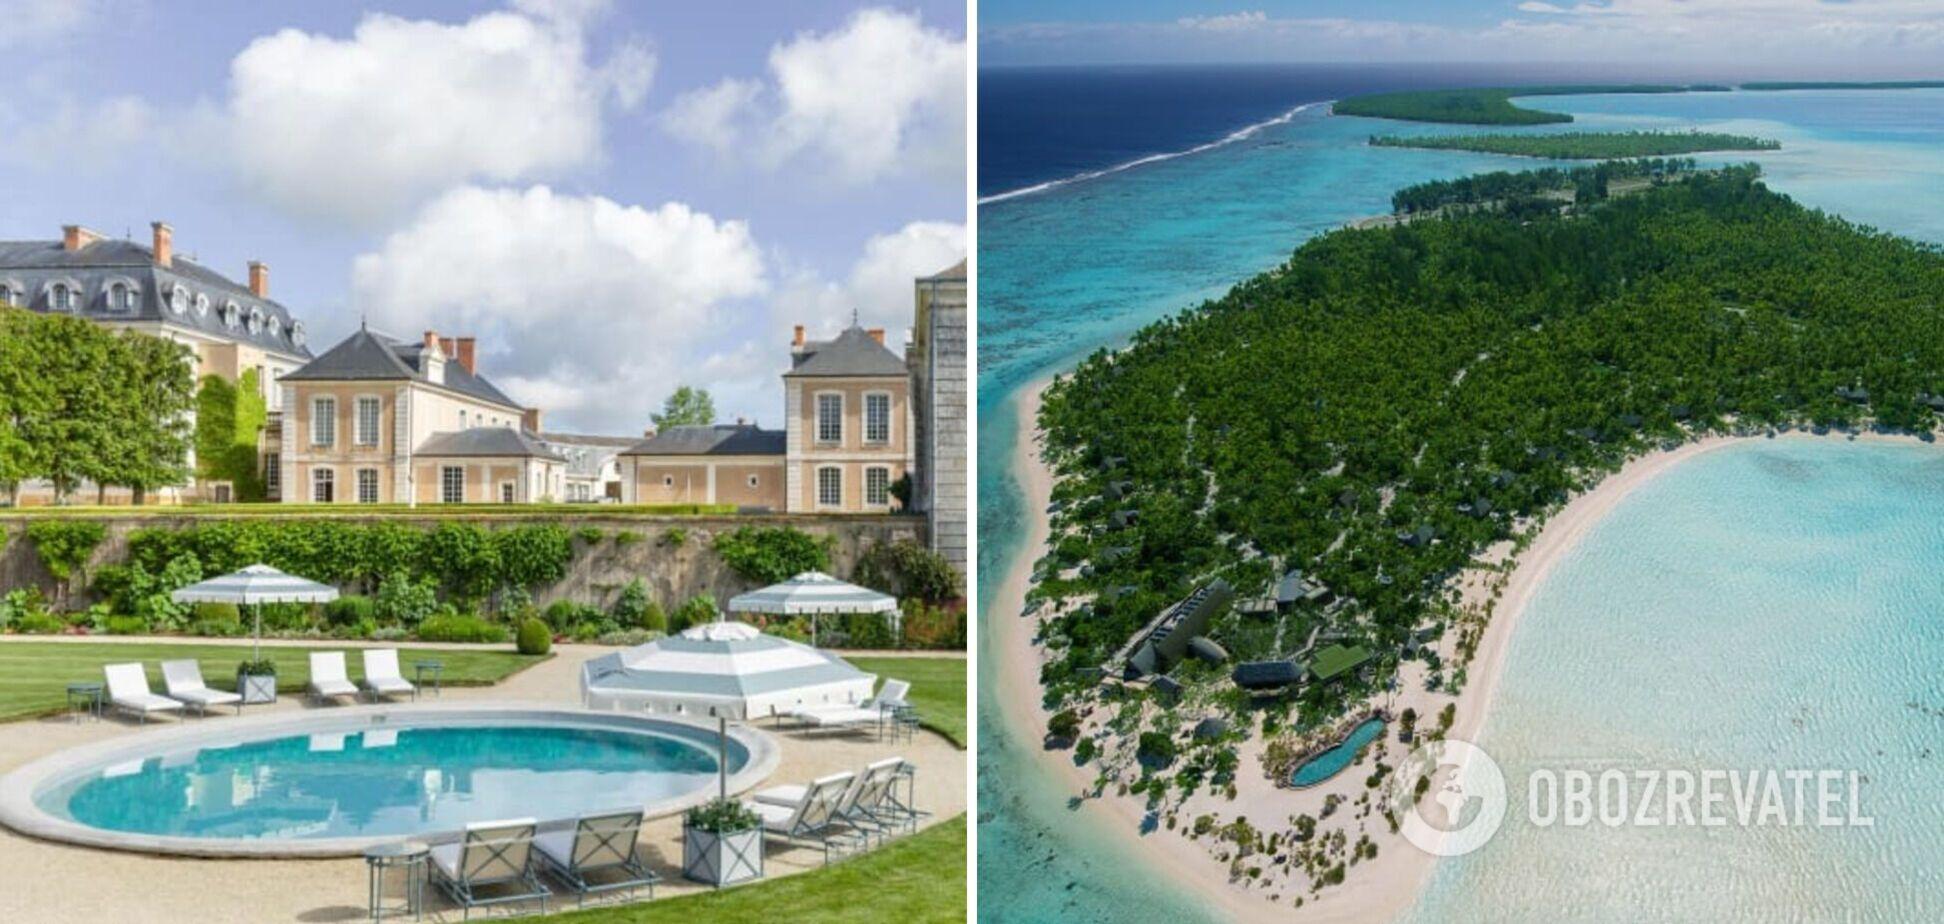 ТОП-10 найкращих готелів світу: у чому їхня особливість. Фото